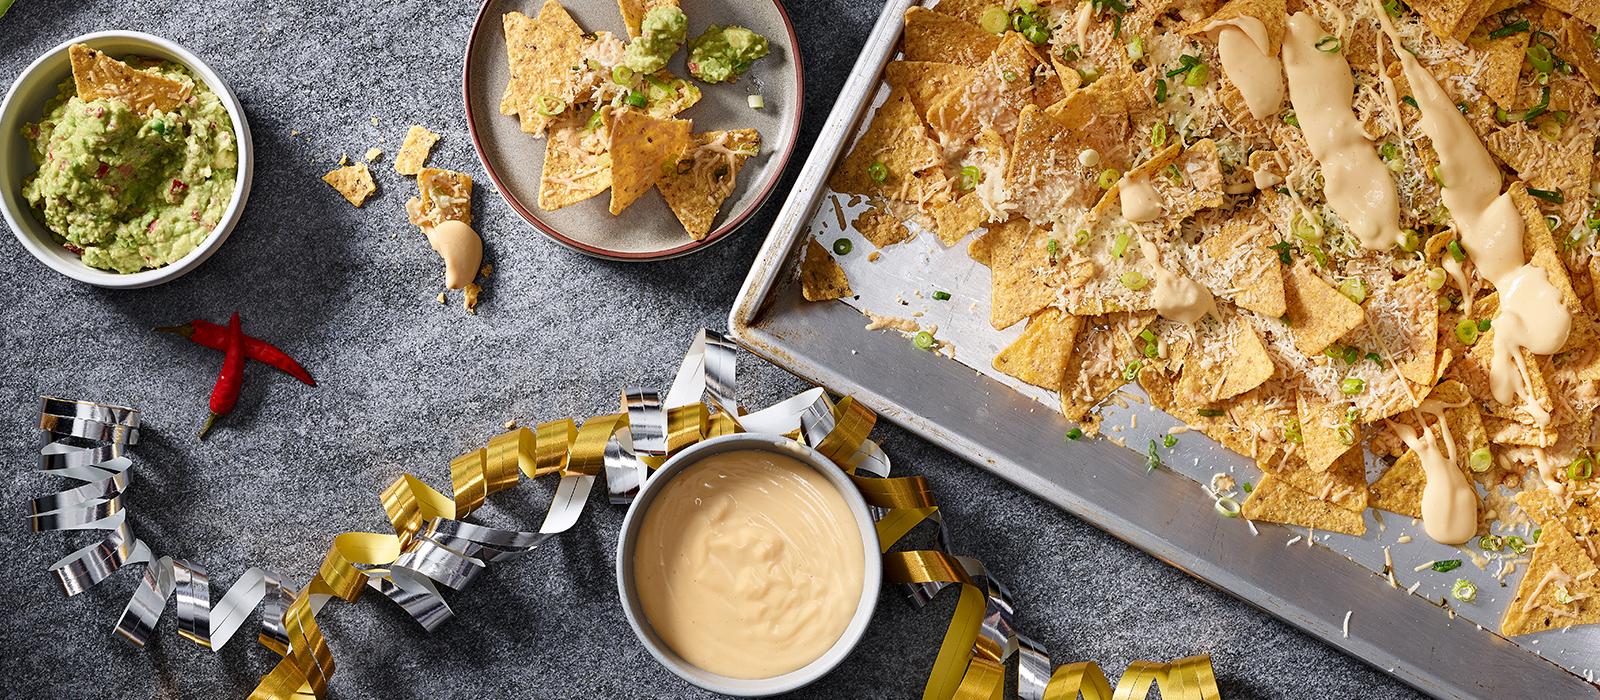 Überbackene Nachos mit Käsesauce